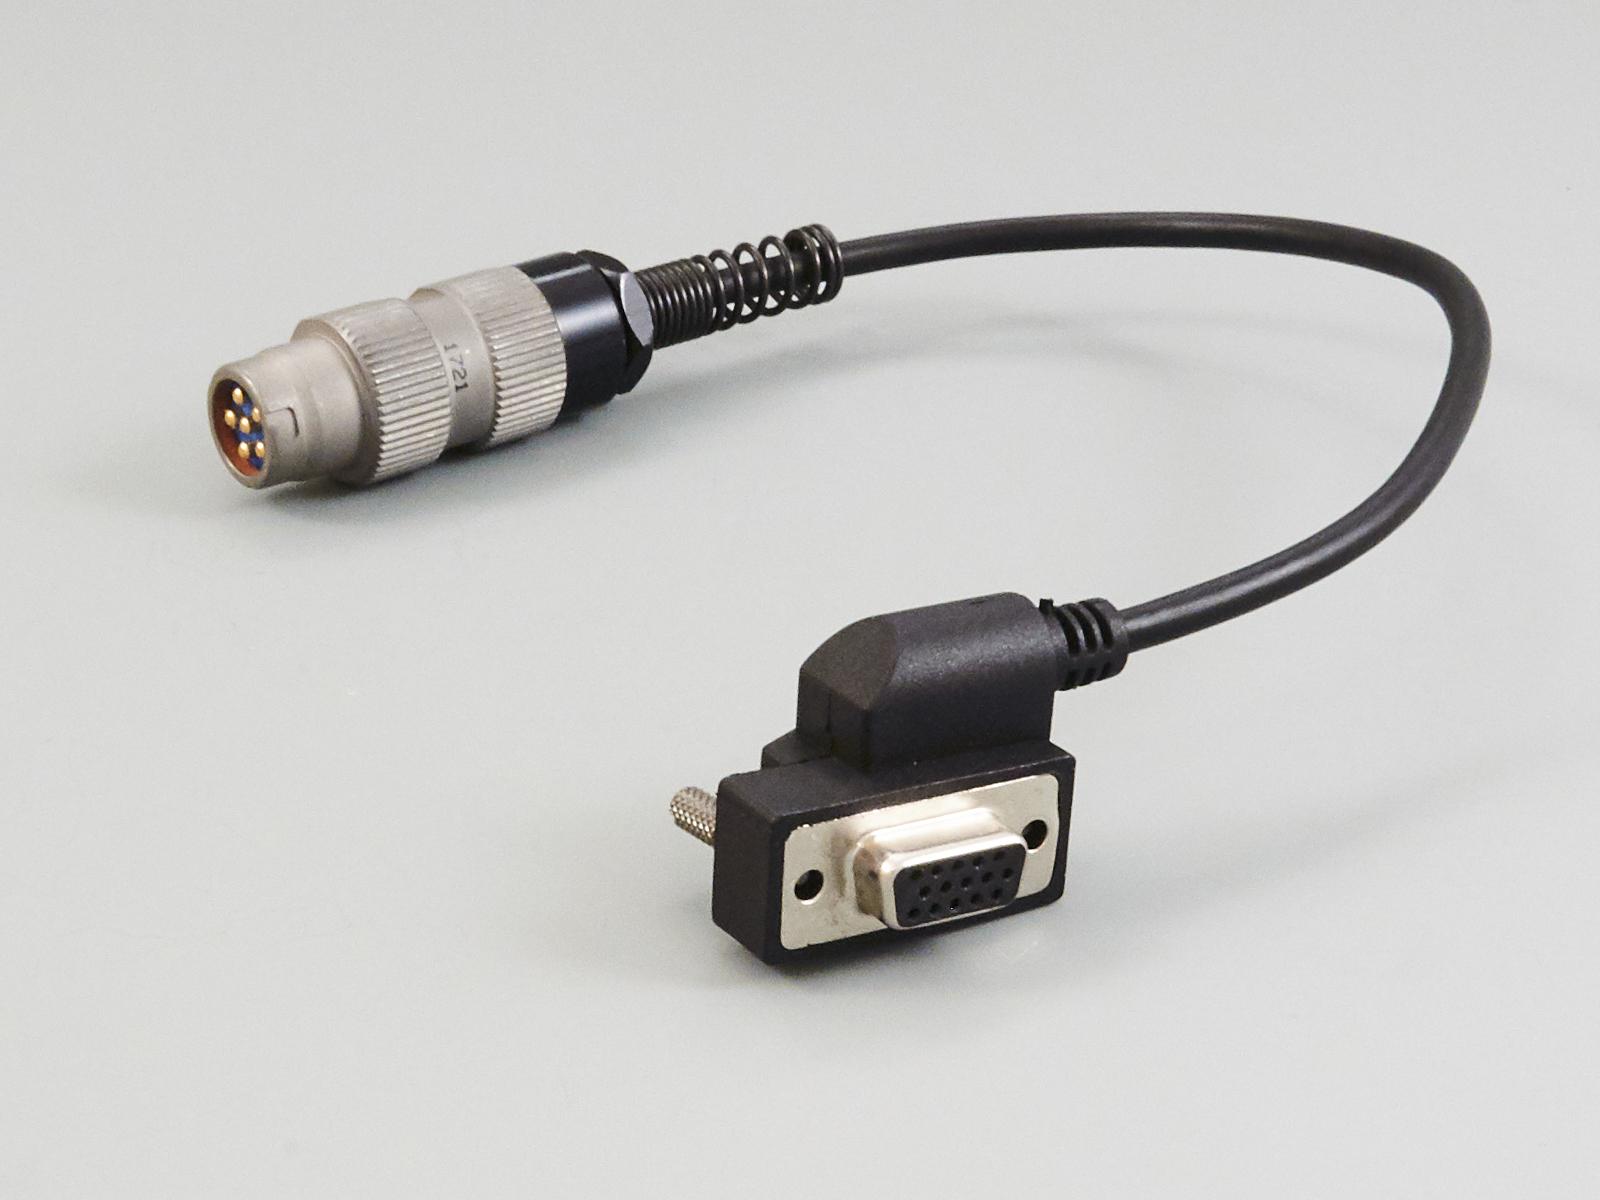 Dagr Crypto Cable For An Cyz 10